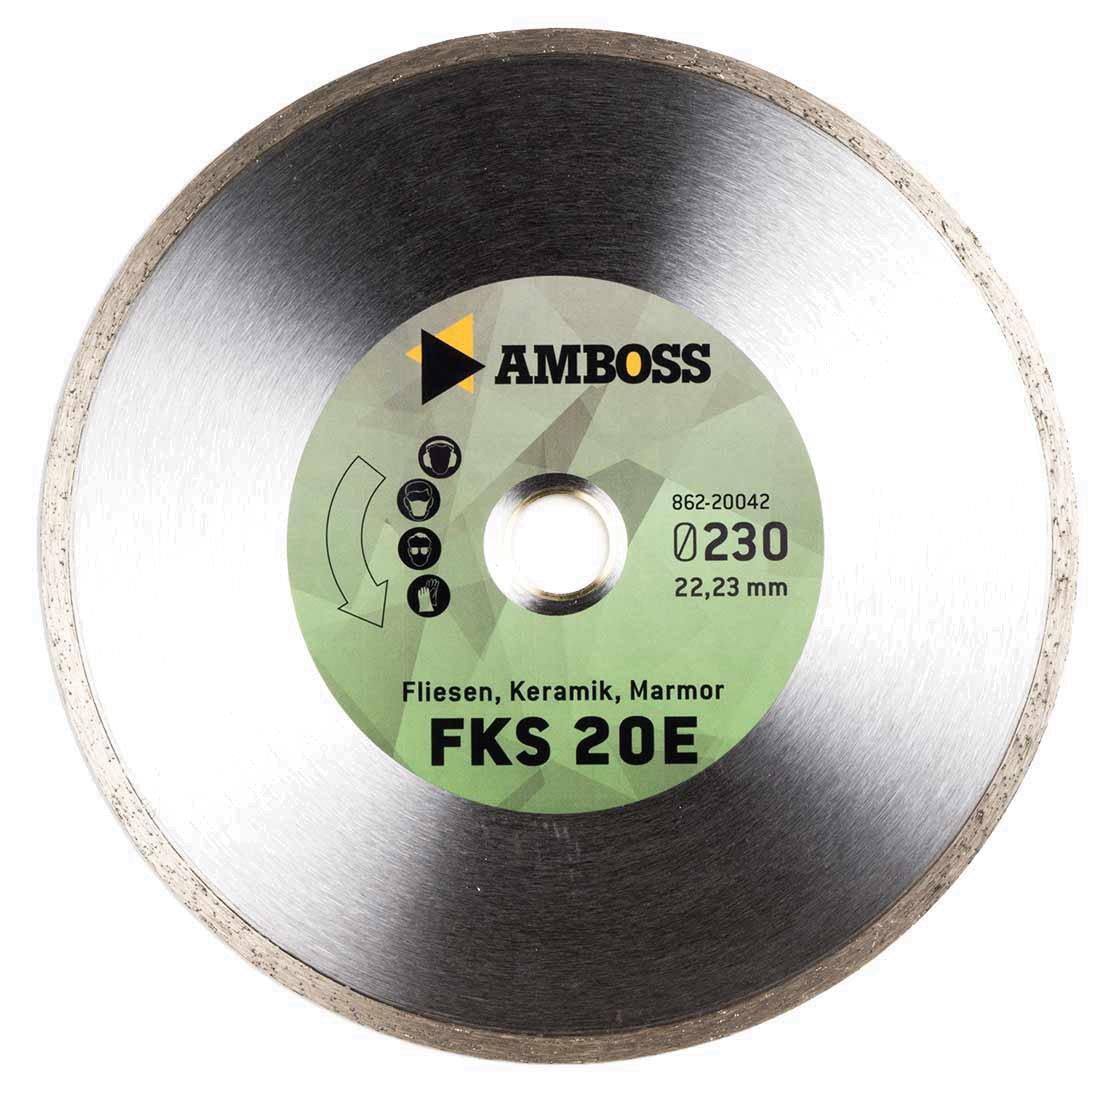 Amboss FKS 20 - Diamant-Trennscheibe Ø 105 mm x 22, 2 mm - Fliesen / Keramik / Marmor | Segmenthöhe: 5 mm (gesintert)